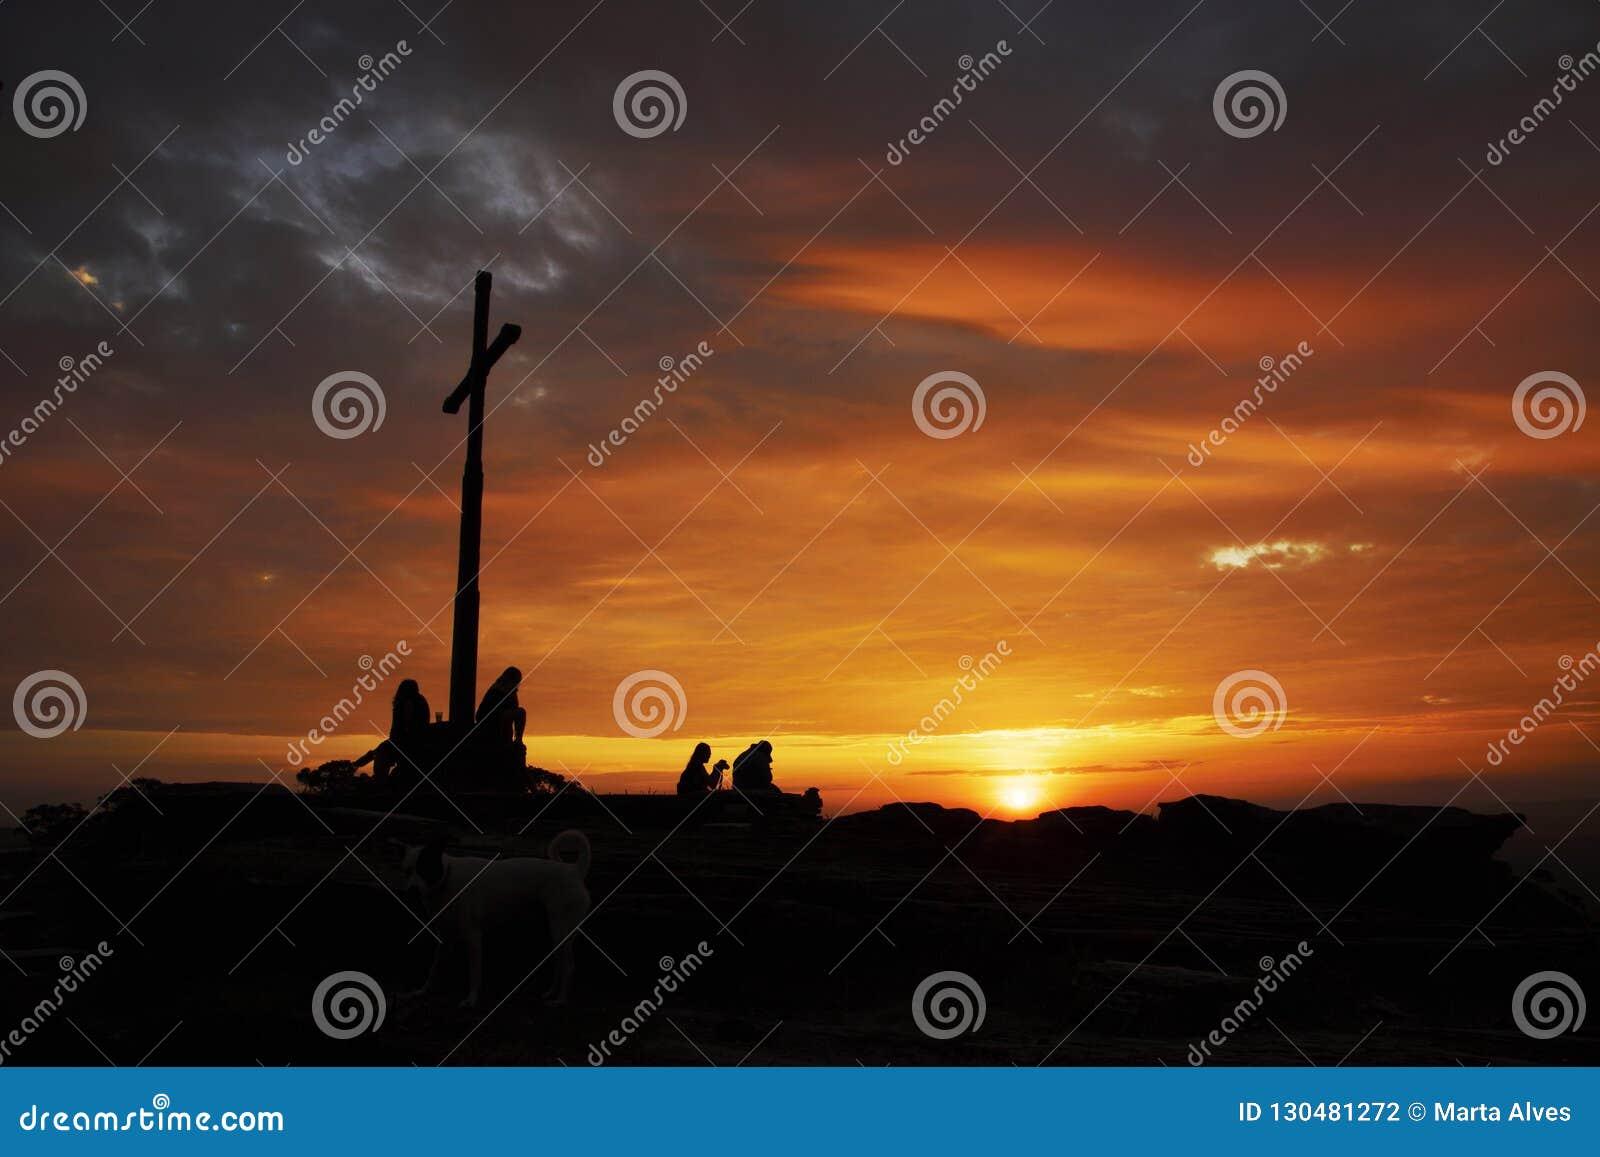 Touristenschattenbilder unter der Kreuzfahrt bei Sonnenuntergang in Brasilien